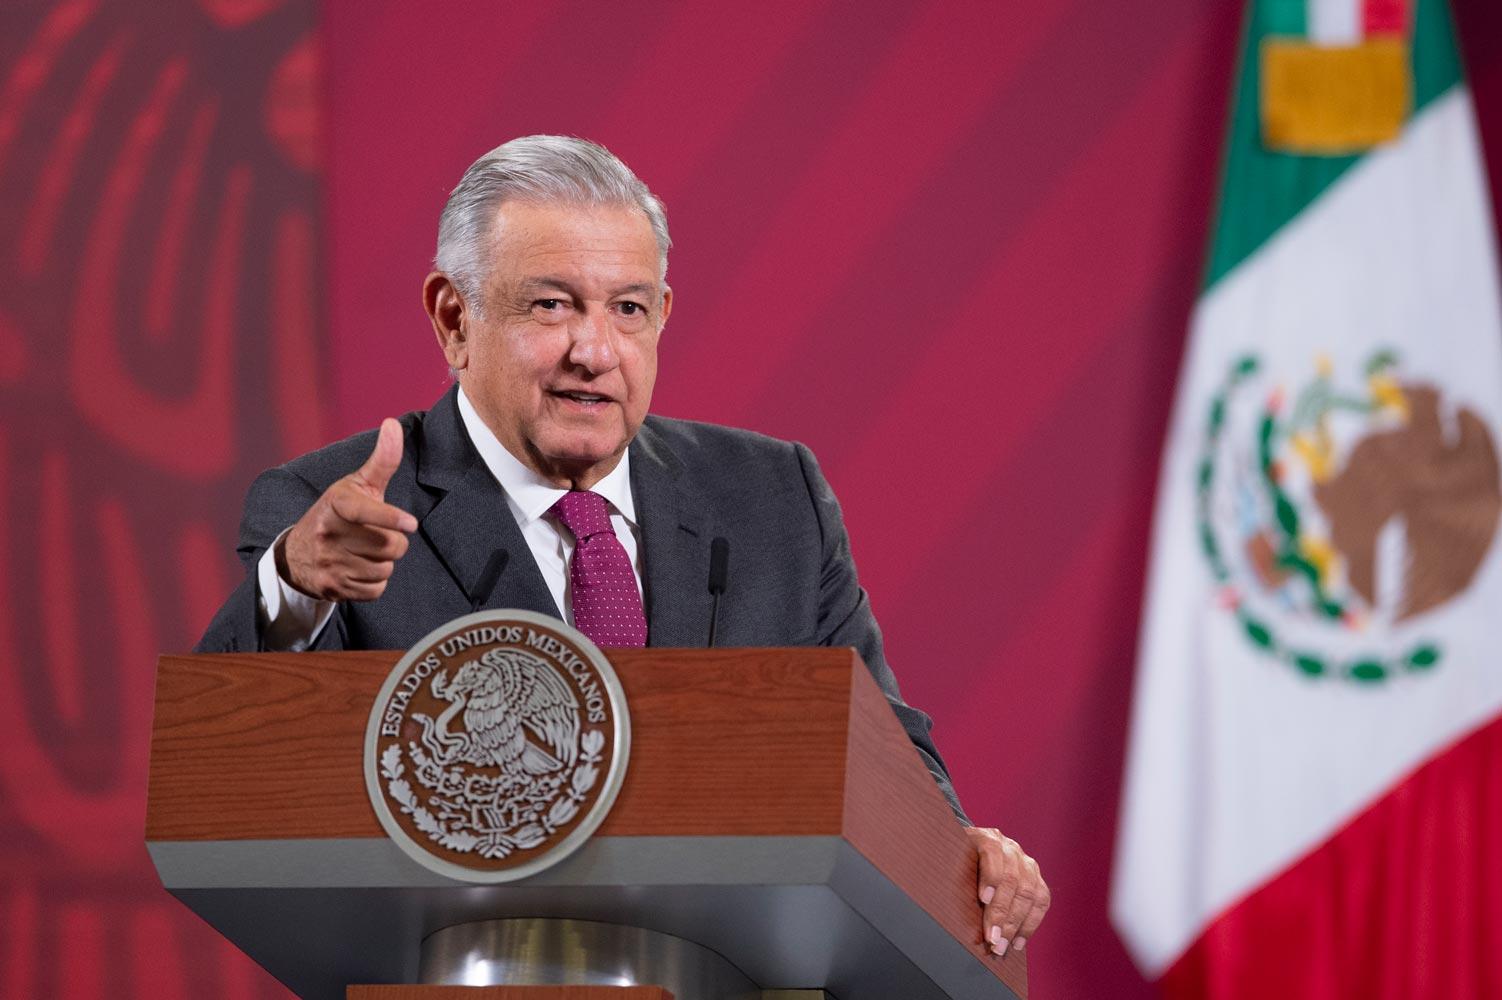 Presidente anuncia ampliación de convenio con hospitales privados, se dispondrá de 150 camas para pacientes Covid